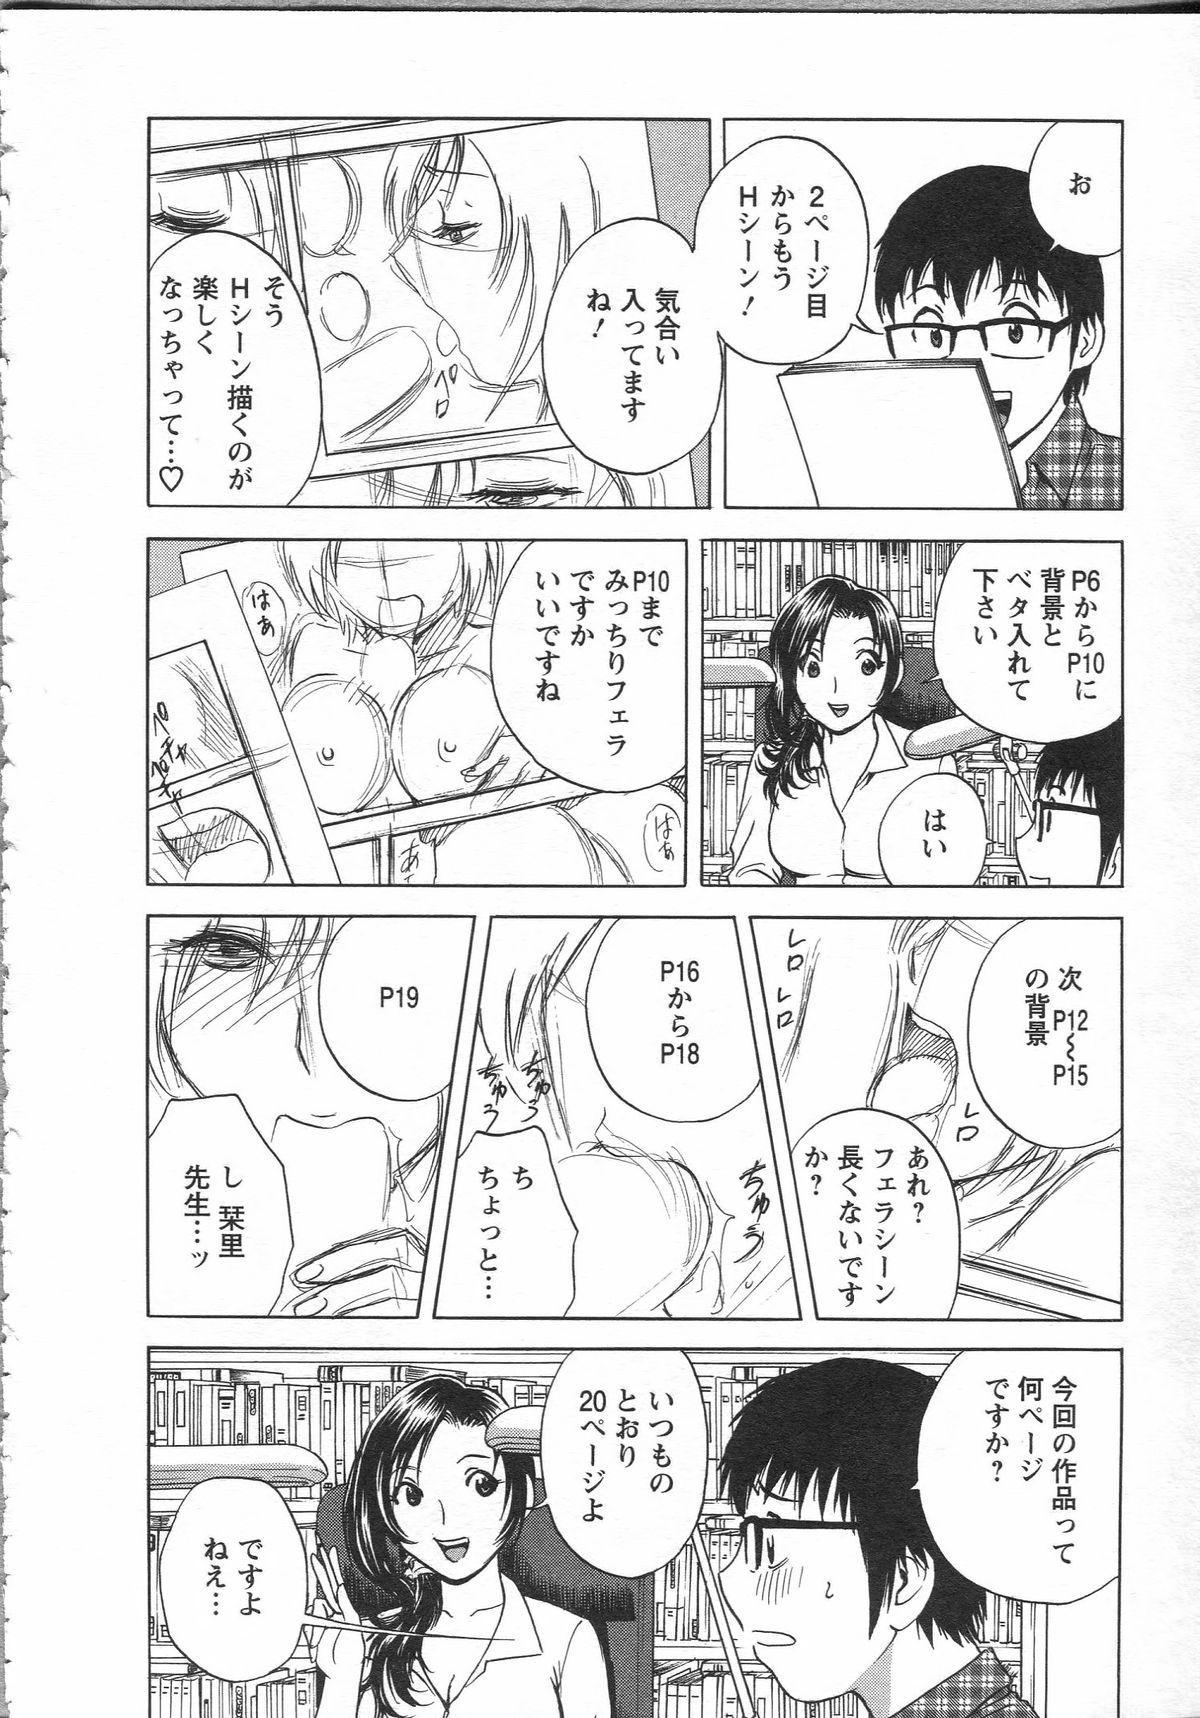 Manga no youna Hitozuma to no Hibi - Days with Married Women such as Comics. 47